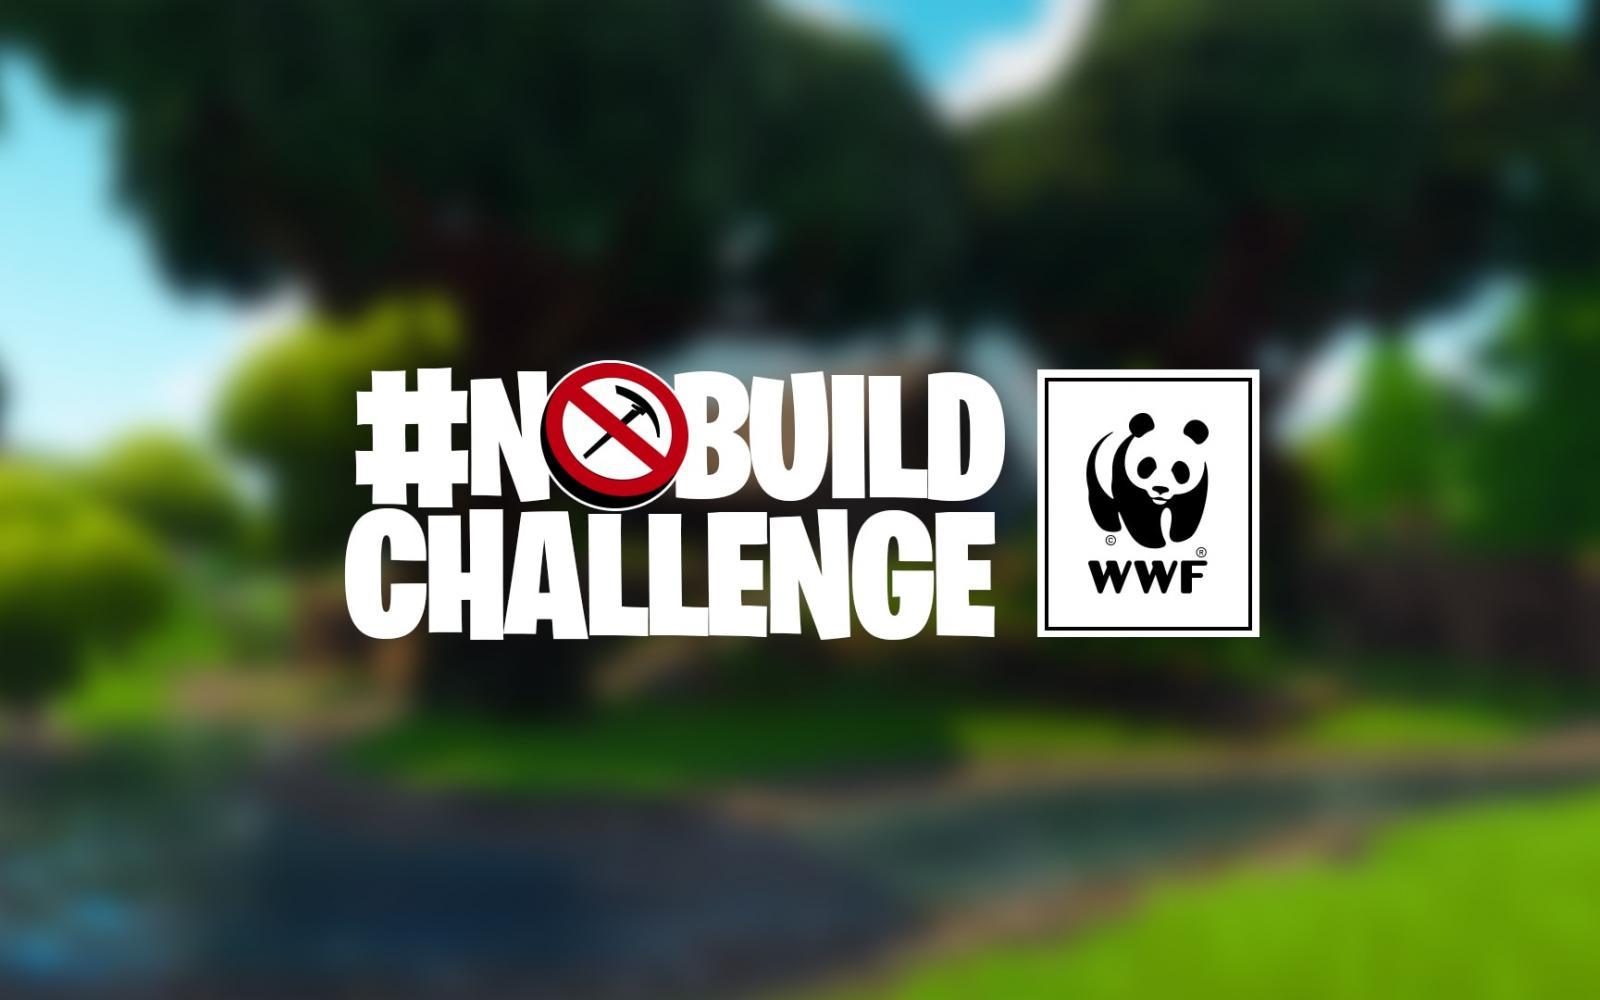 Campagne #NoBuildChallenge | WWF France